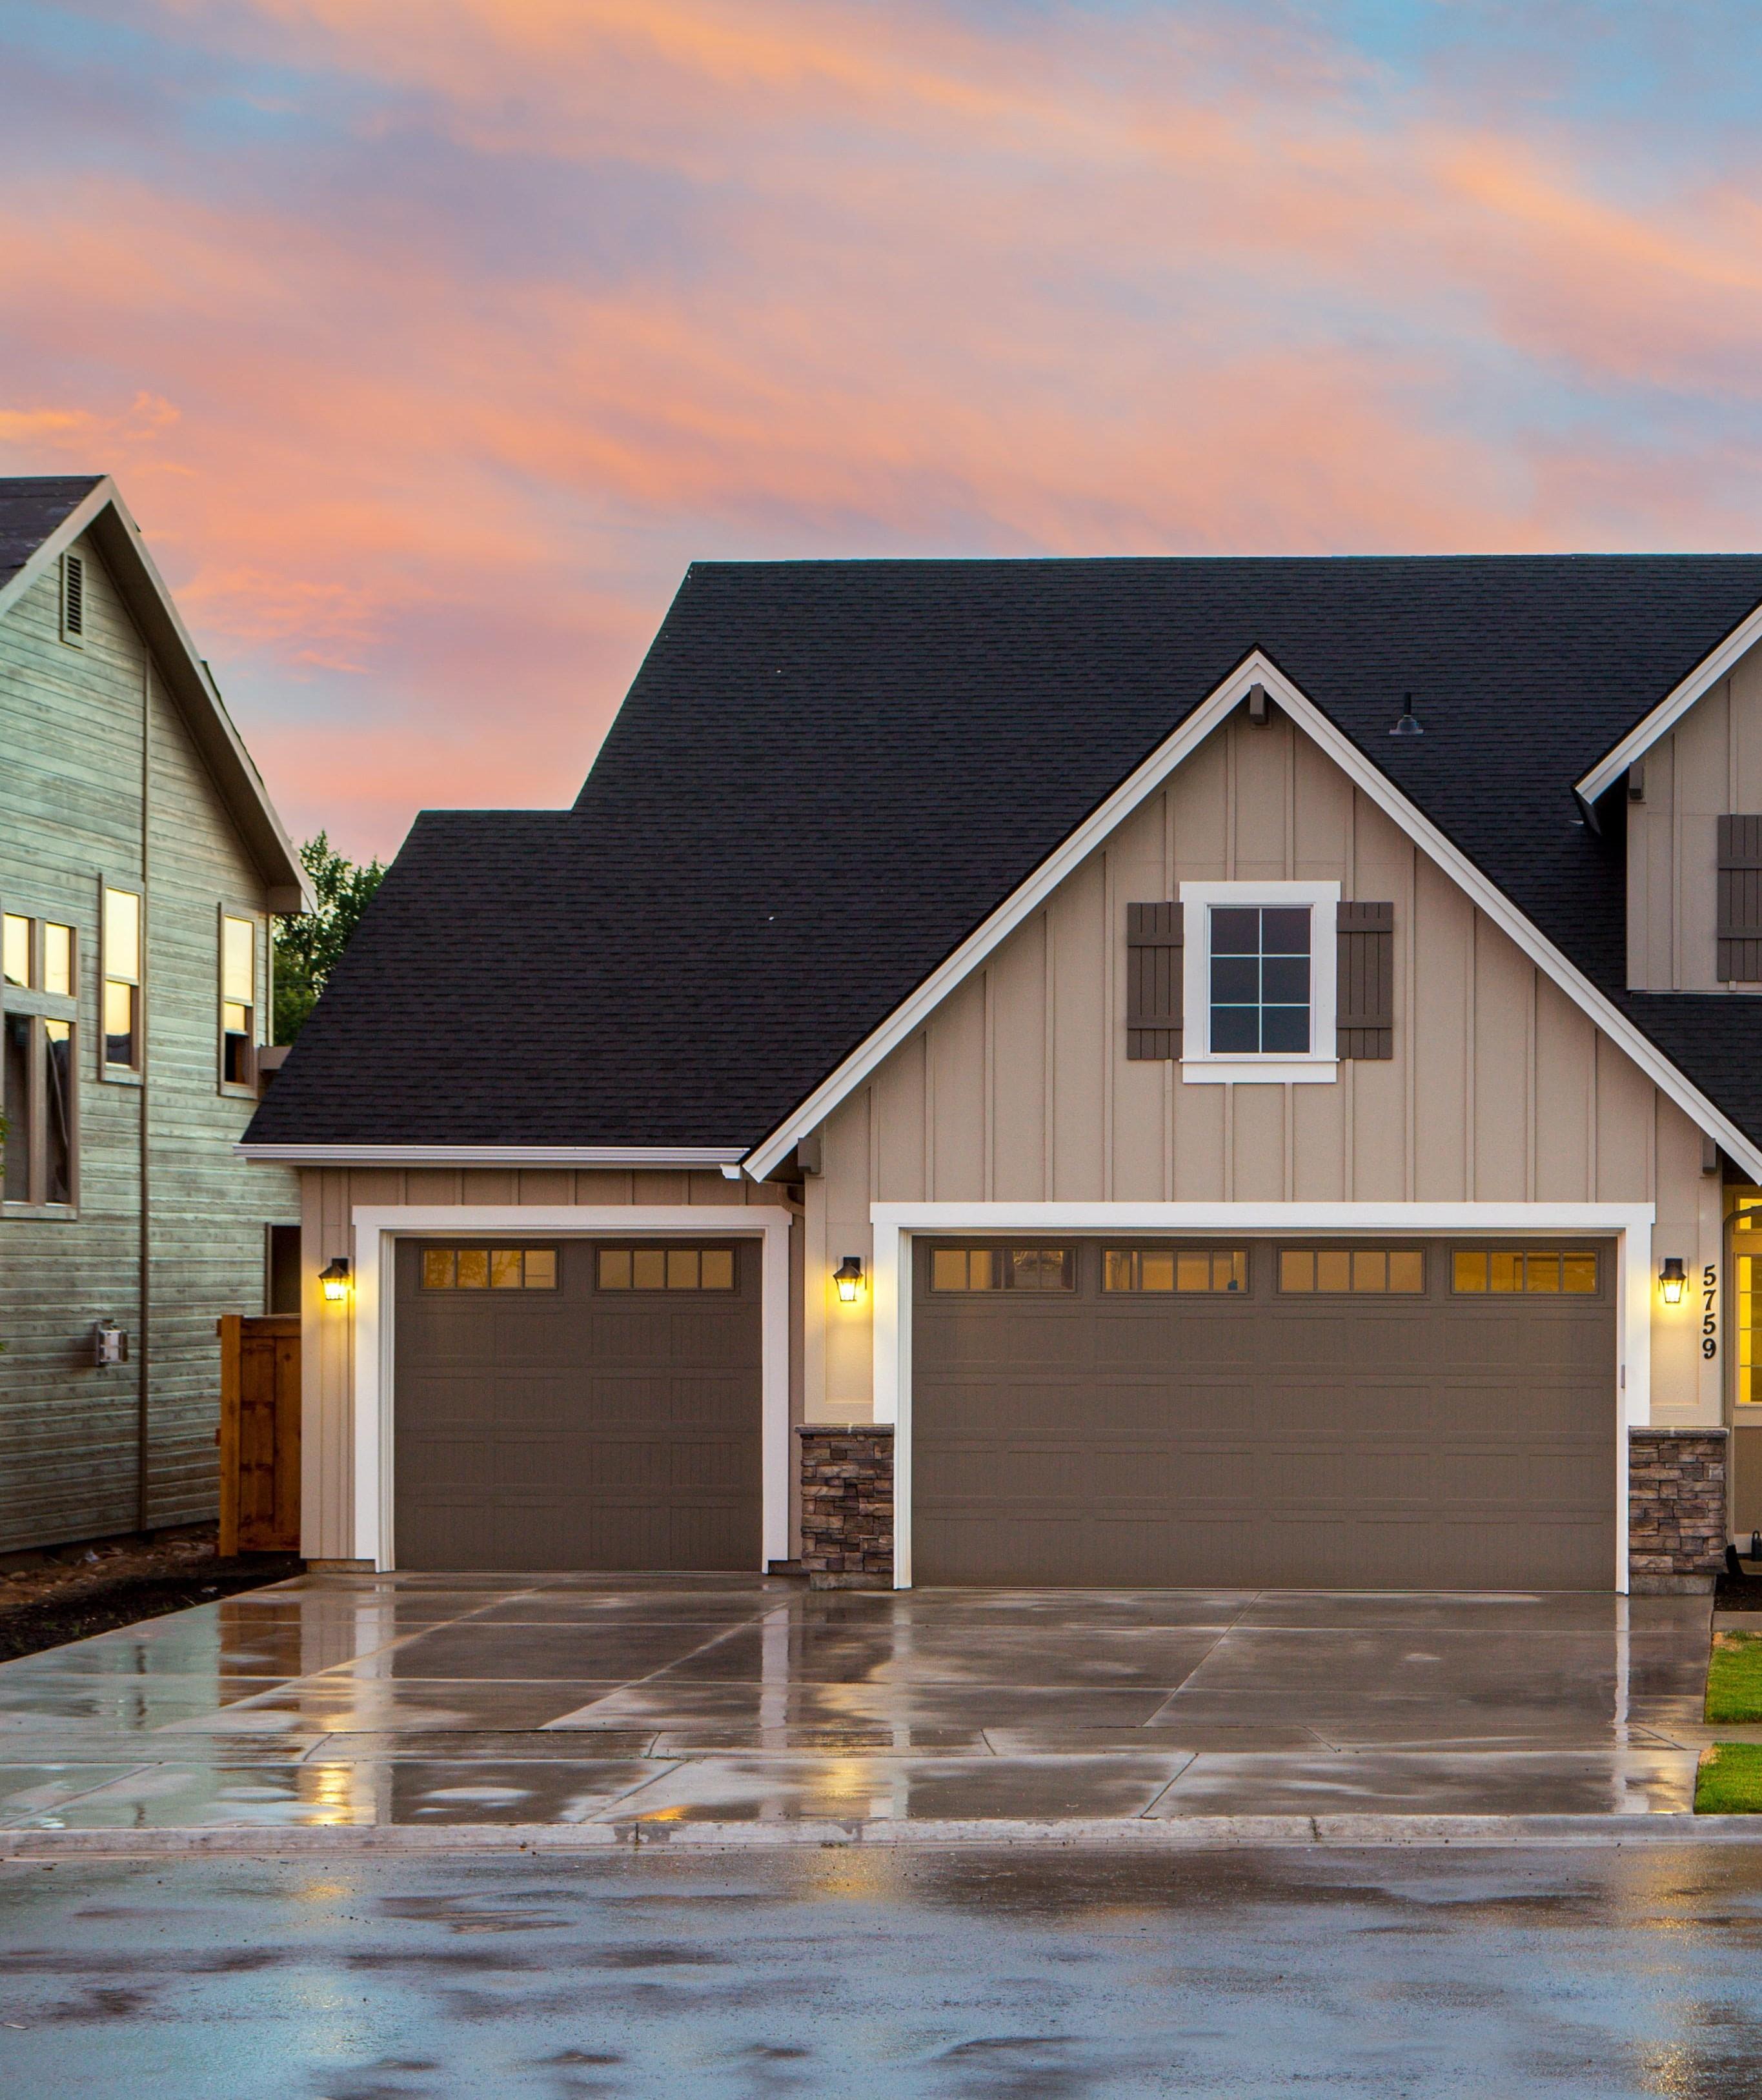 Home, Organization, Garage, Storage